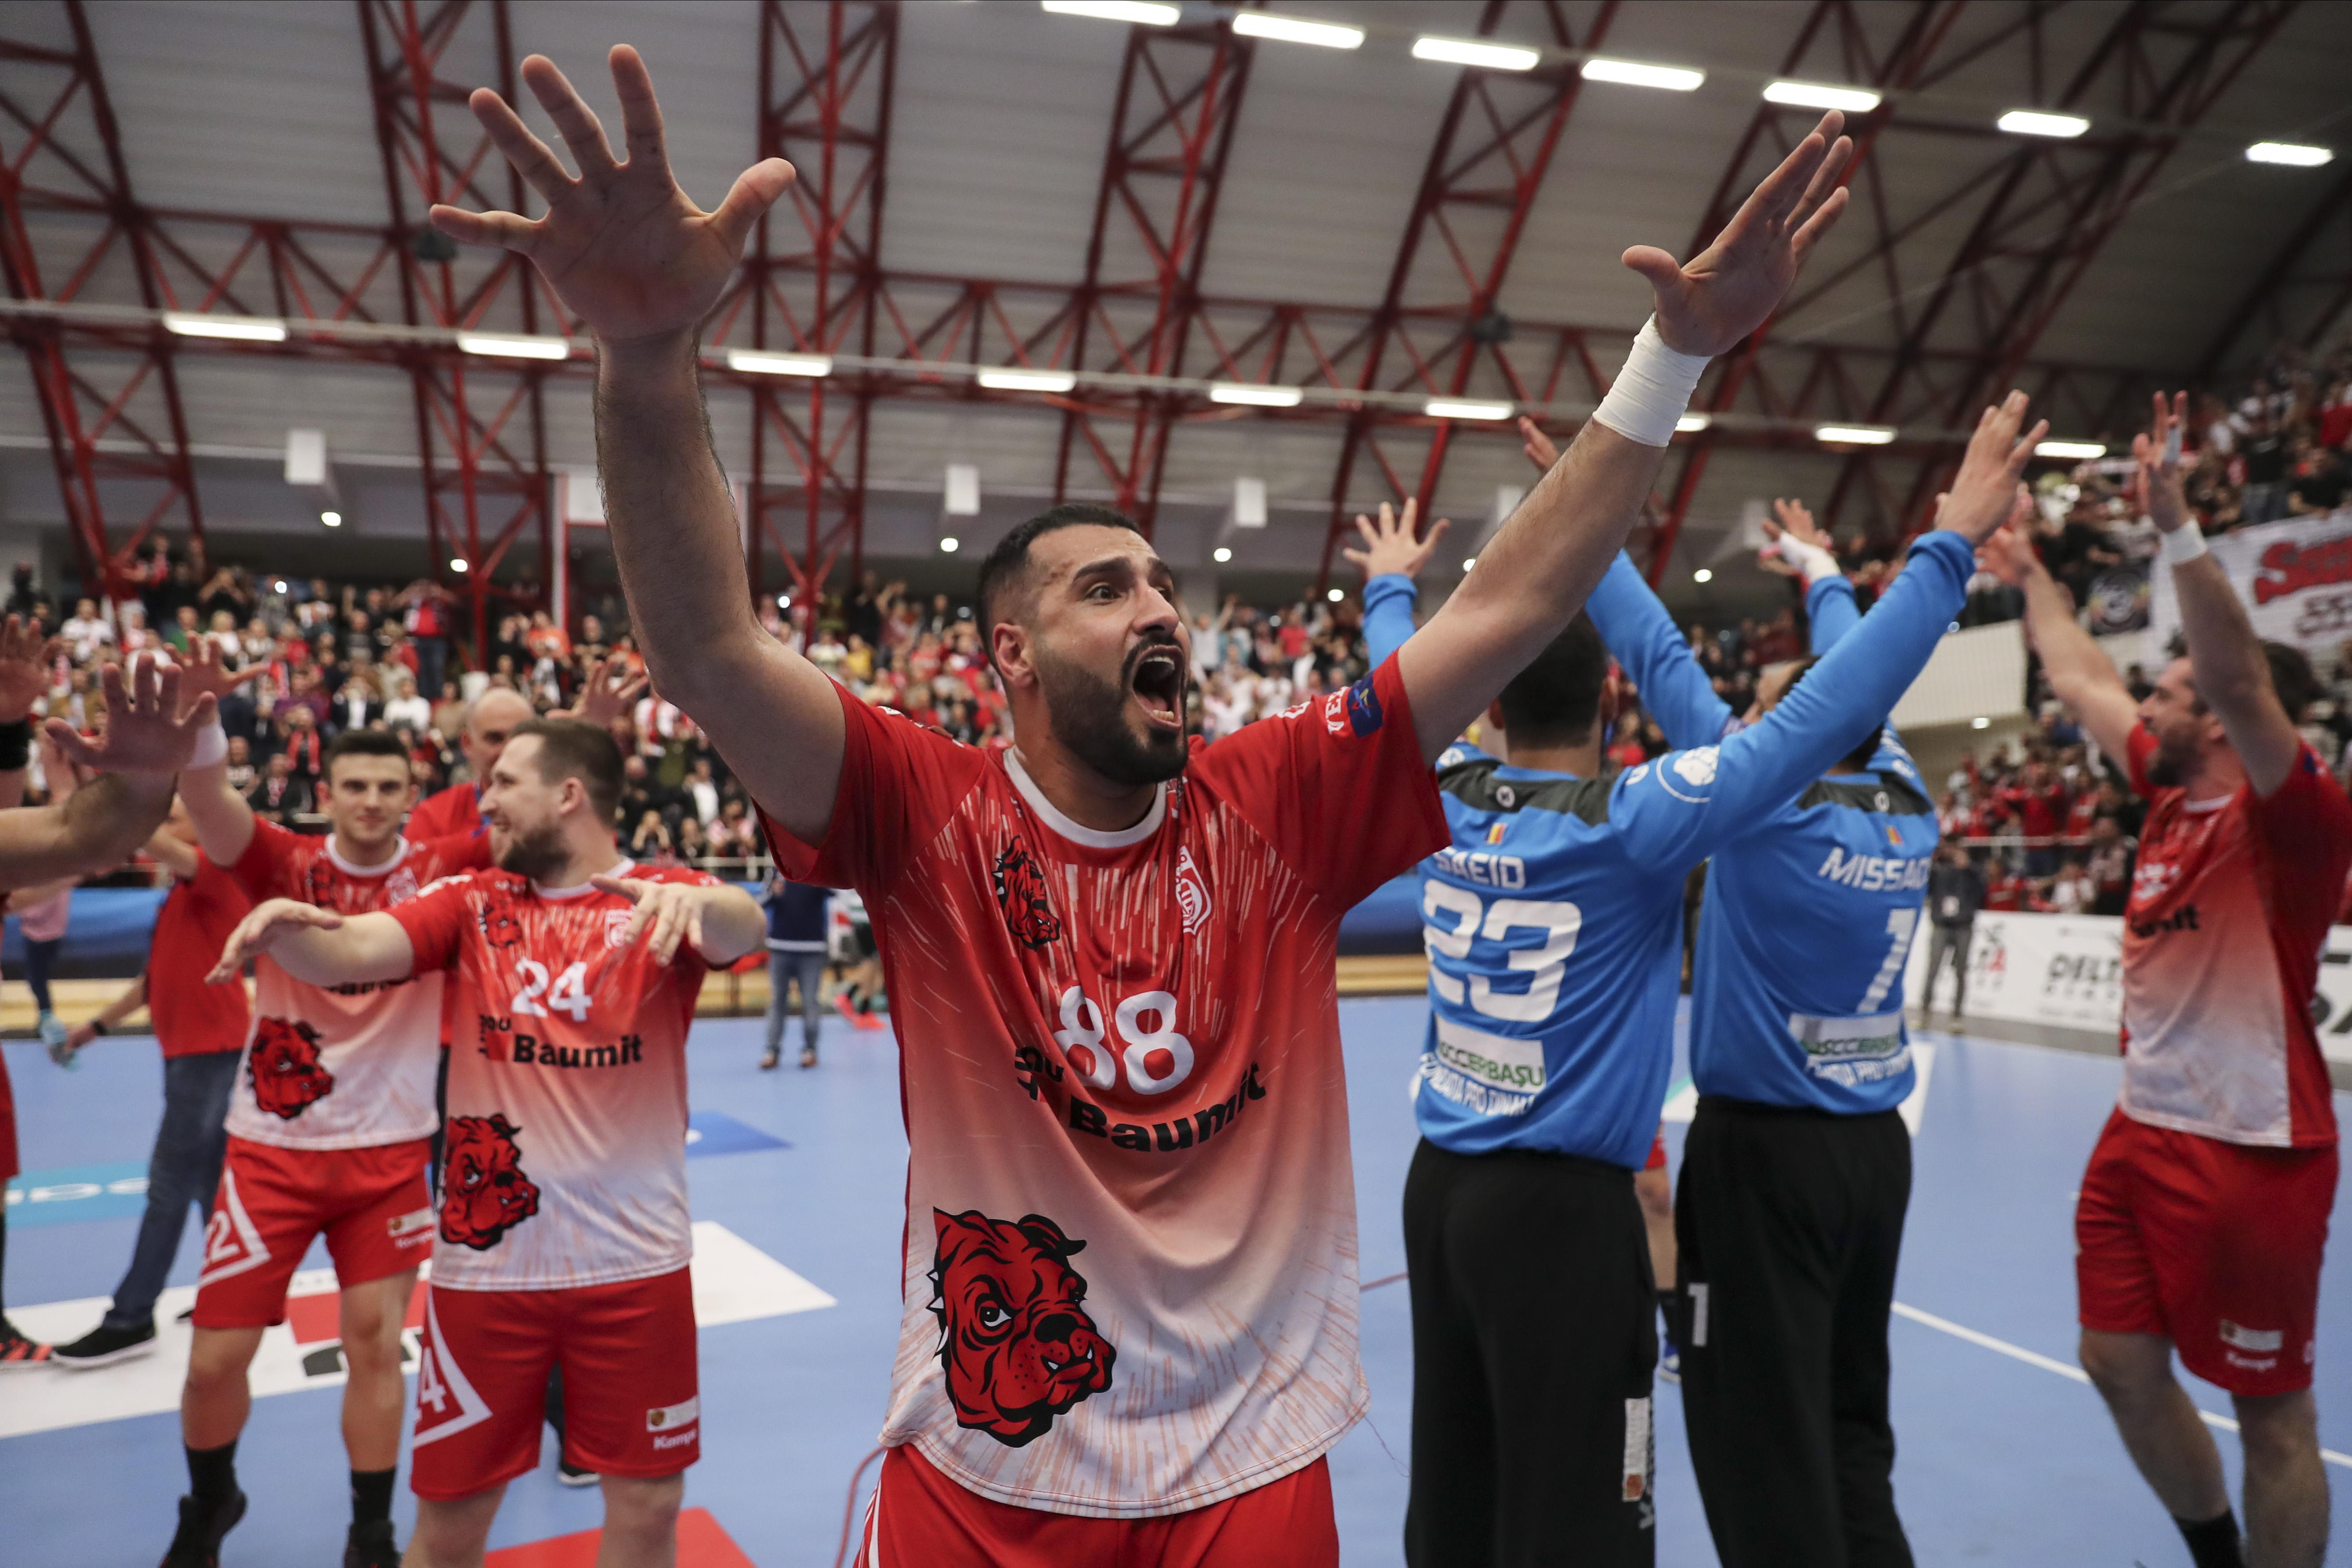 Echipa românească eliminată de coronavirus din Liga Campionilor, deși e singura care nu a pierdut niciun meci